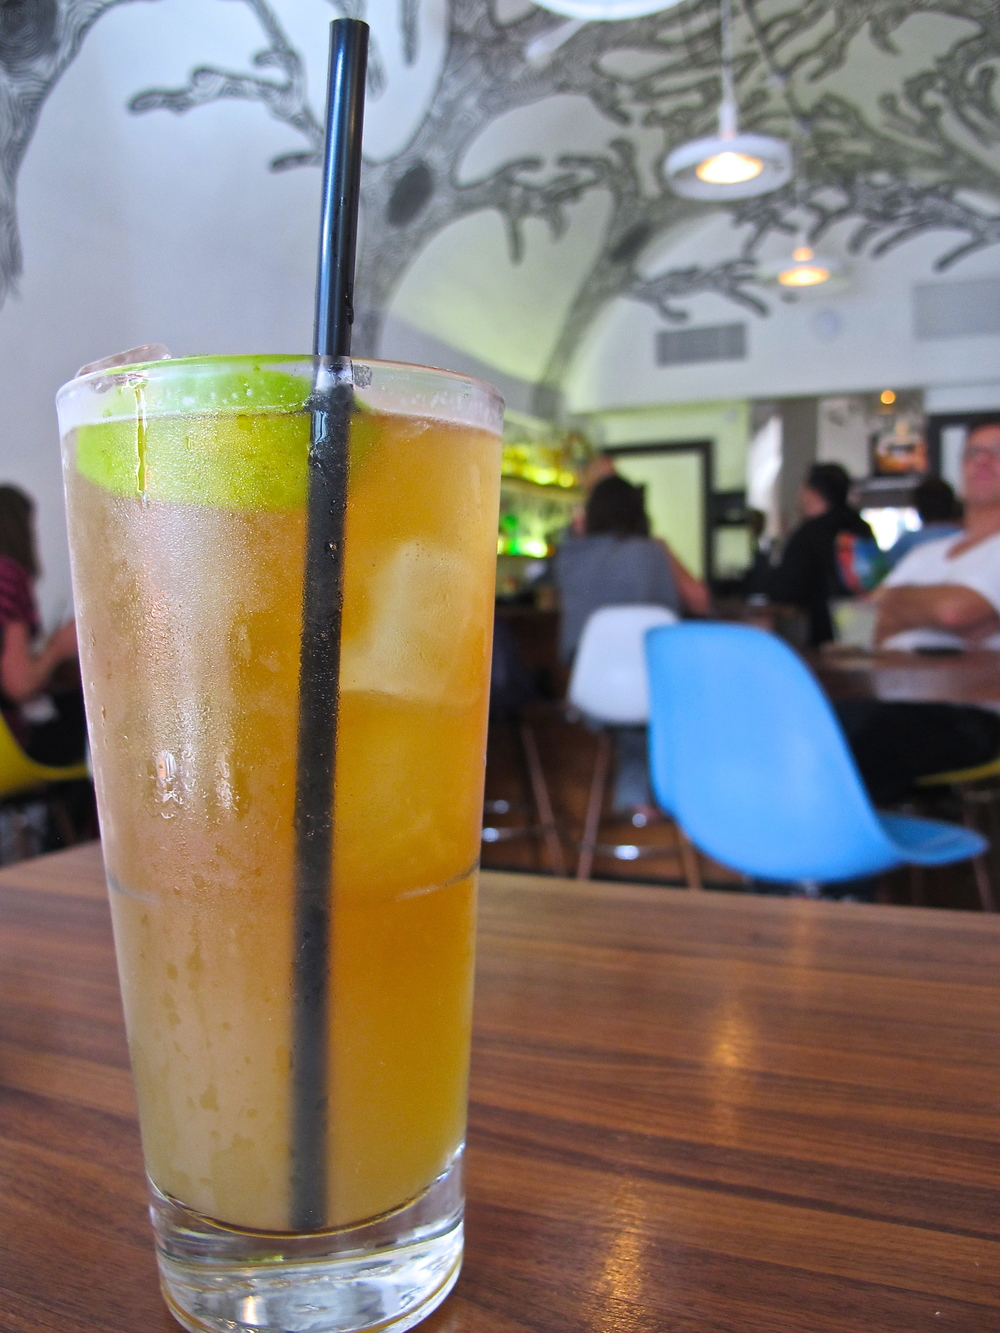 Tinga's beer and margarita = Laga-rita